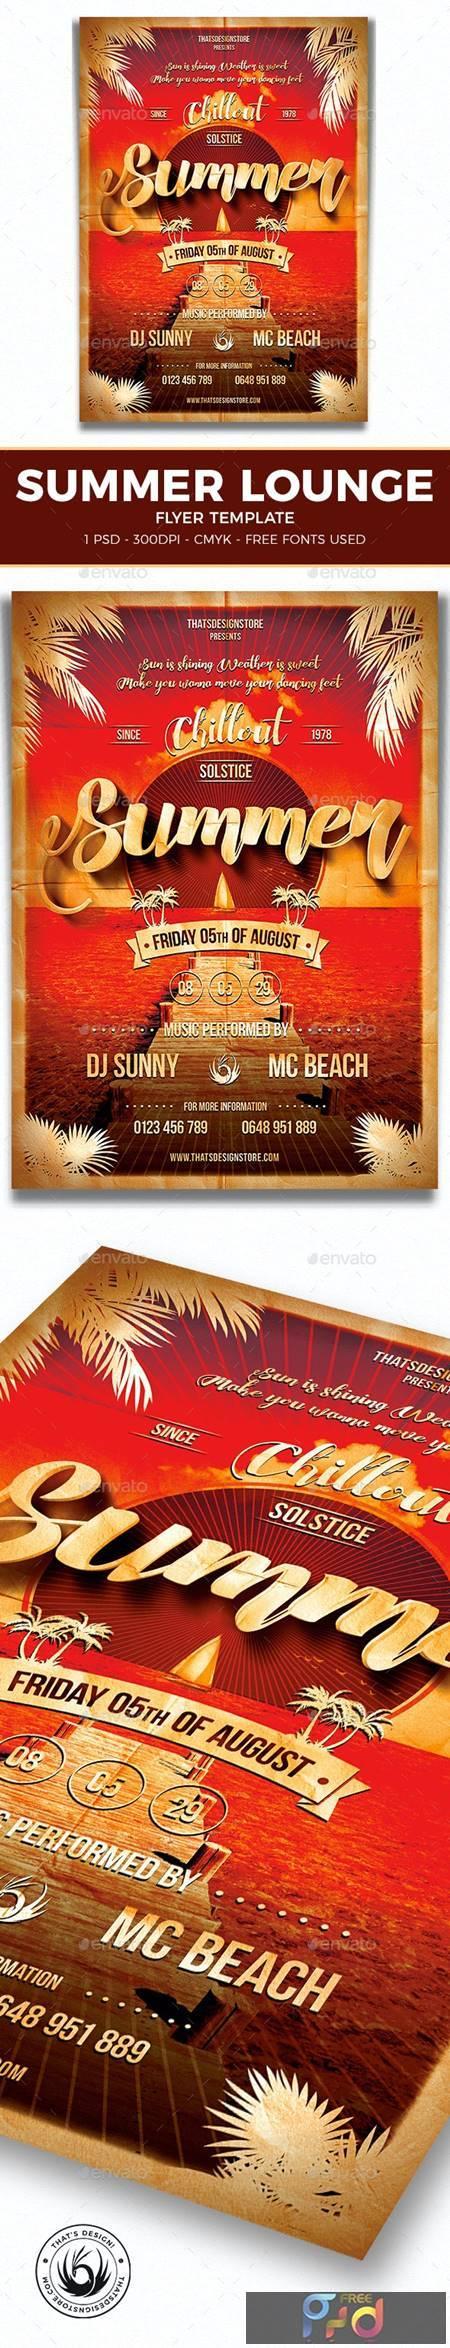 Summer Lounge Flyer Template V1 7972361 1